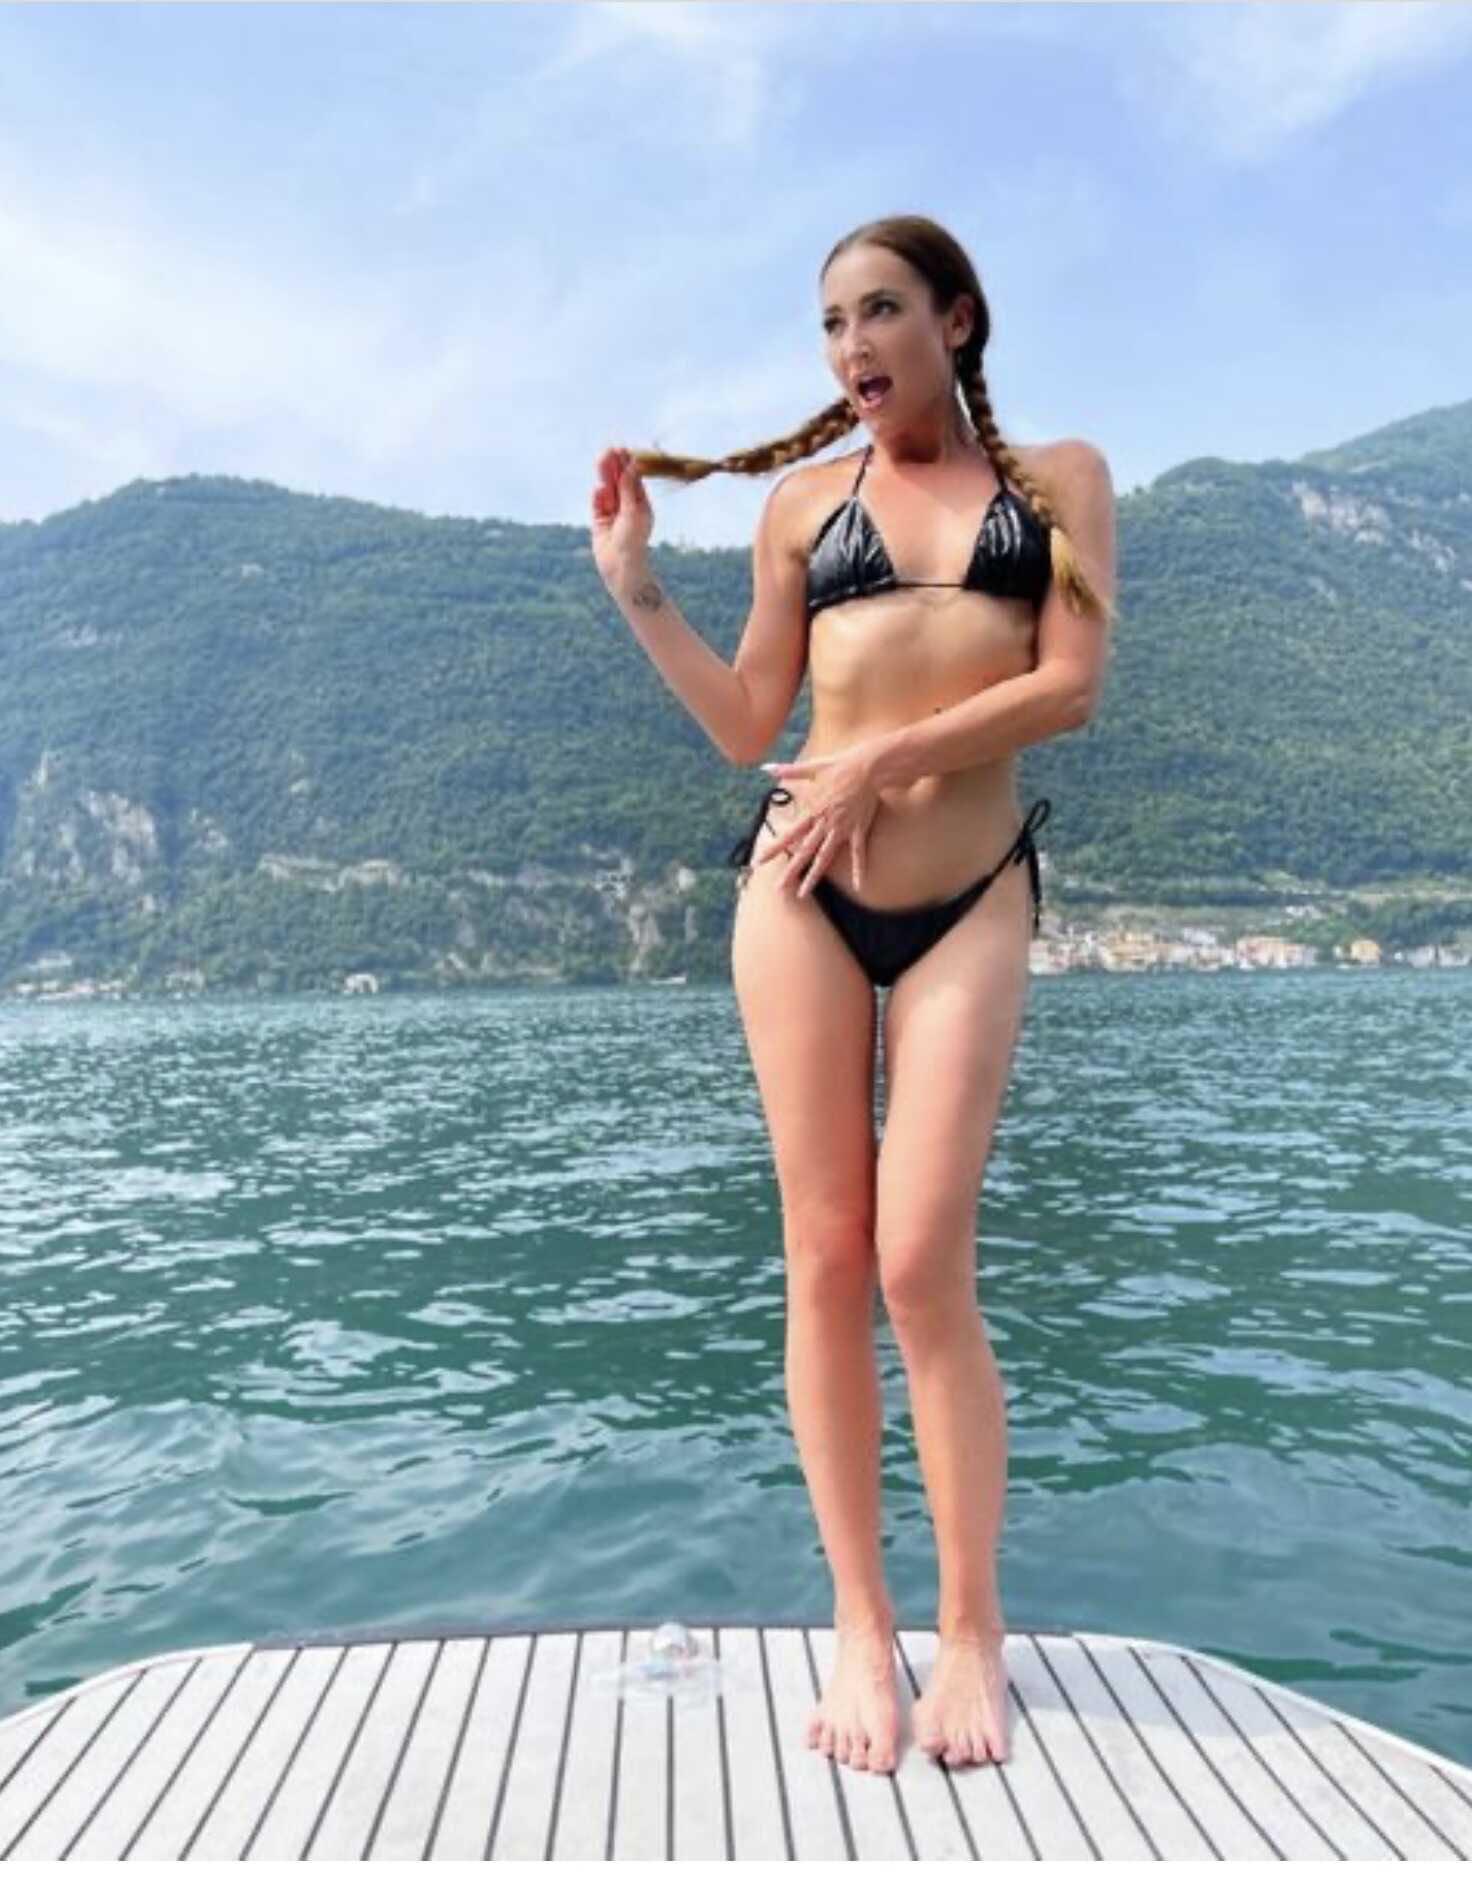 «Рот на замок»: Ольга Бузова в откровенном бикини пожаловалась на лишний вес, прикрывая живот